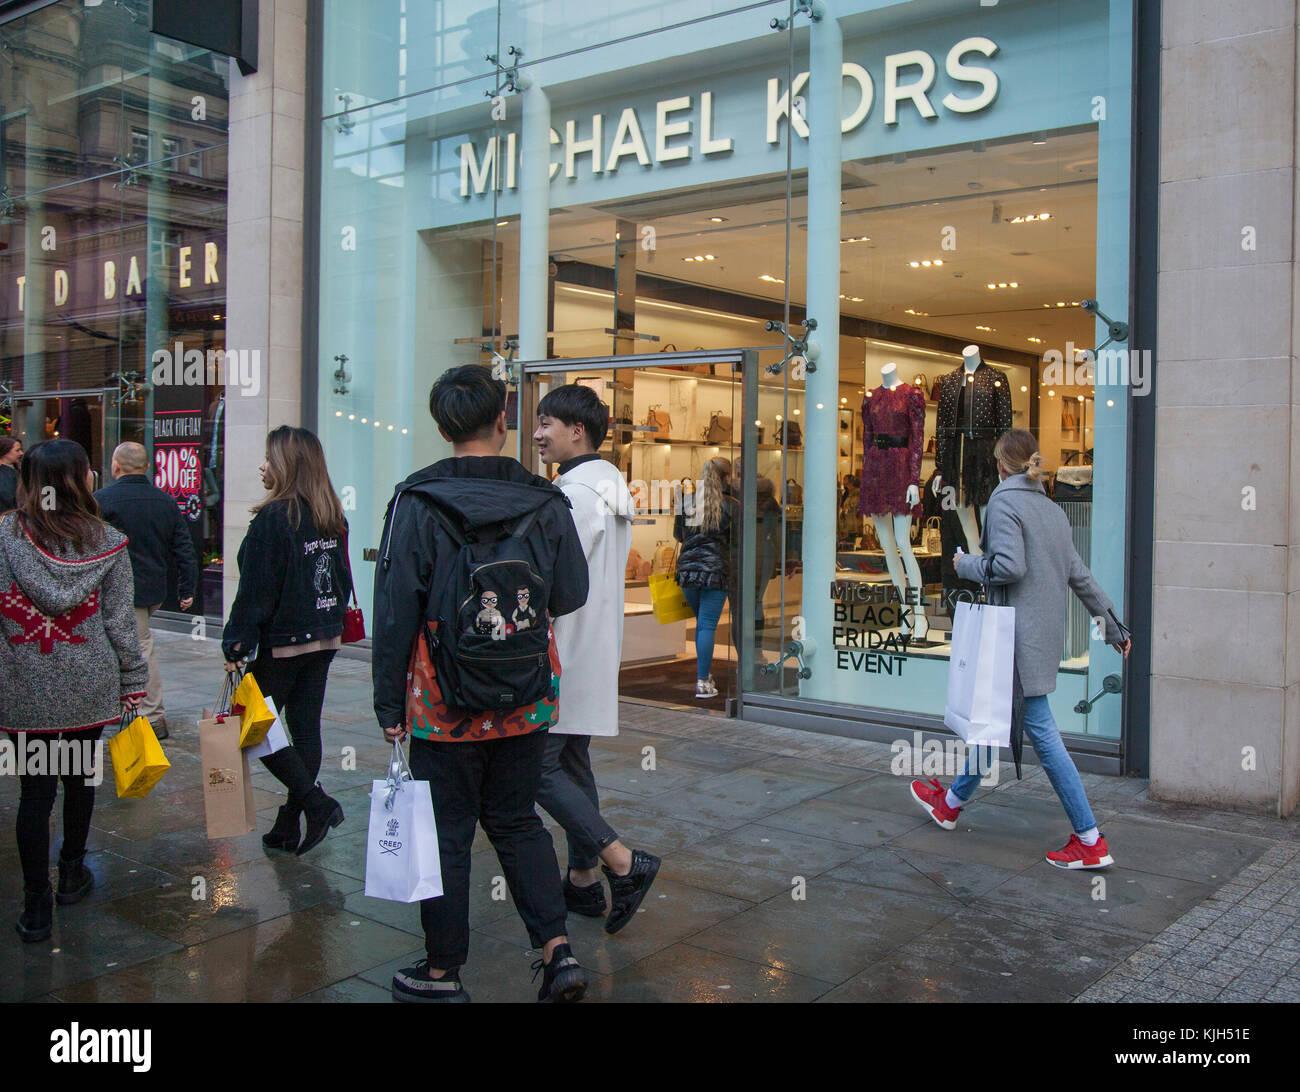 19d96a3bdb Persone che passano le vetrine del business retail negozi di moda nel  centro della citta'